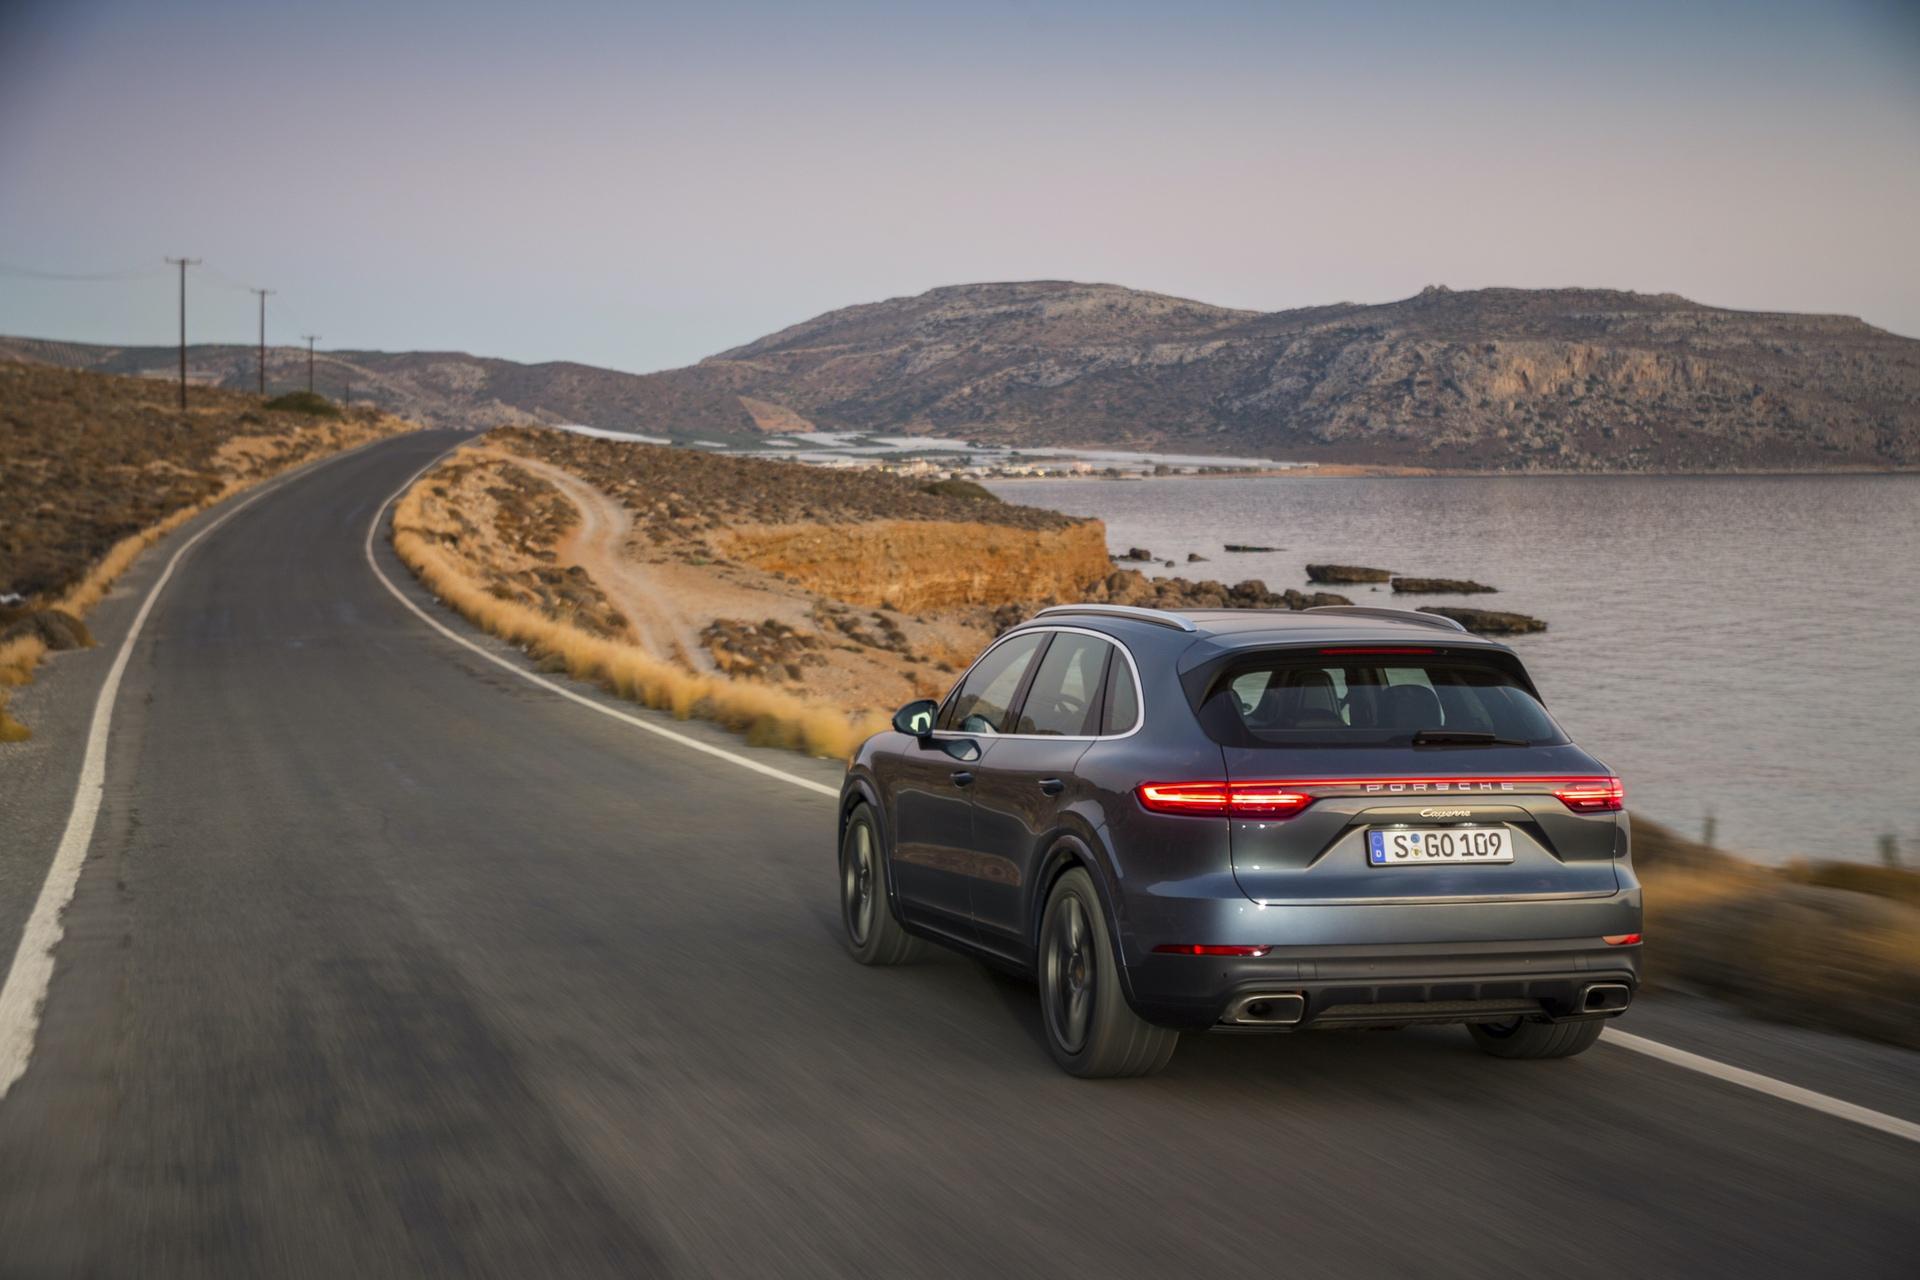 Test_Drive_Porsche_Cayenne_303